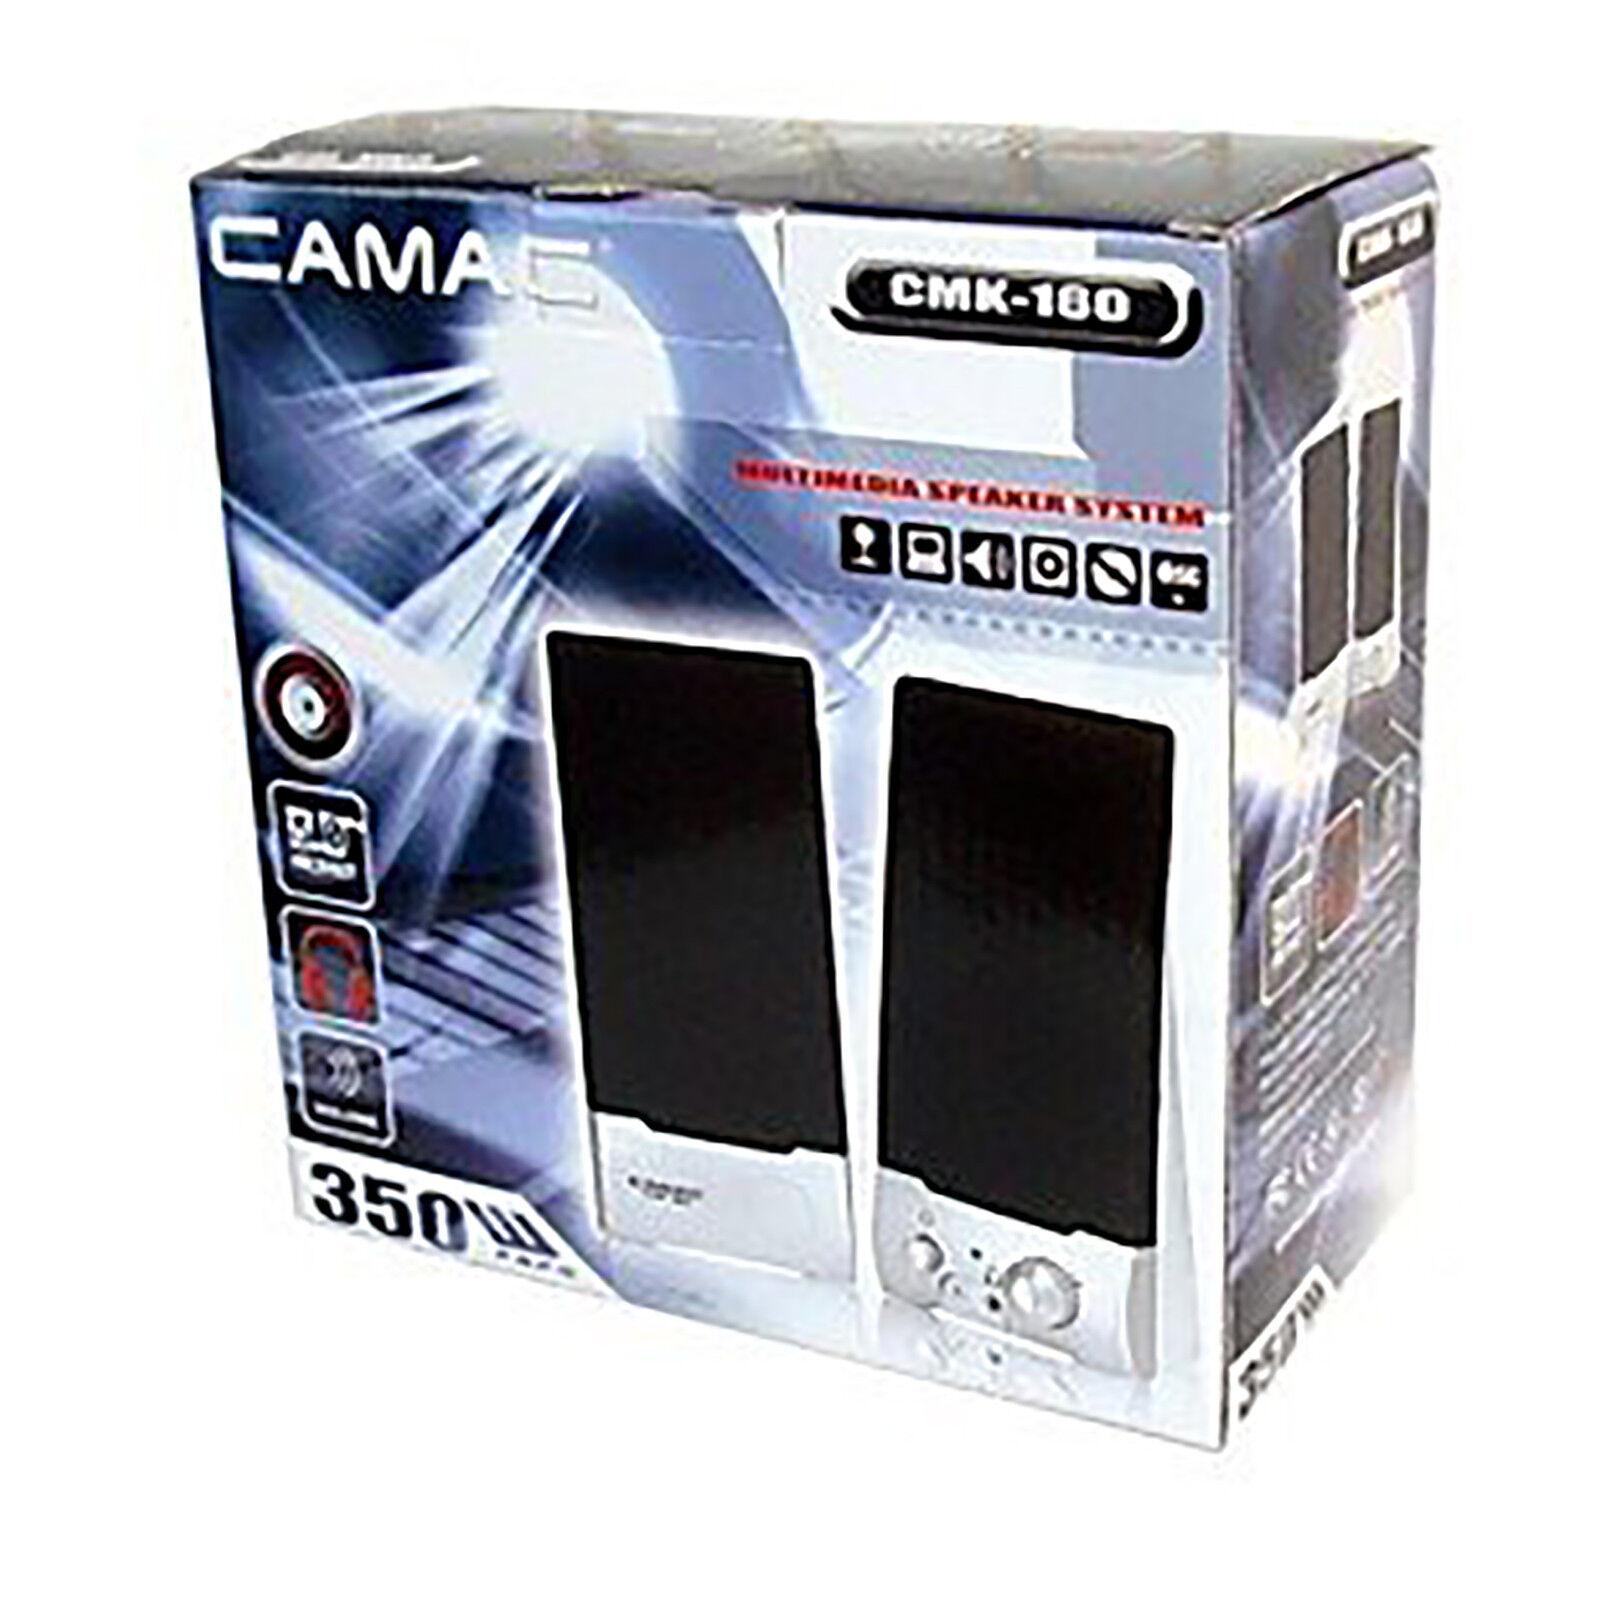 2x Altavoces Multimedia PC Ordenador Portatil DVD 350Watt Amplif 10W Jack 3.5 Mm - 16,95 €